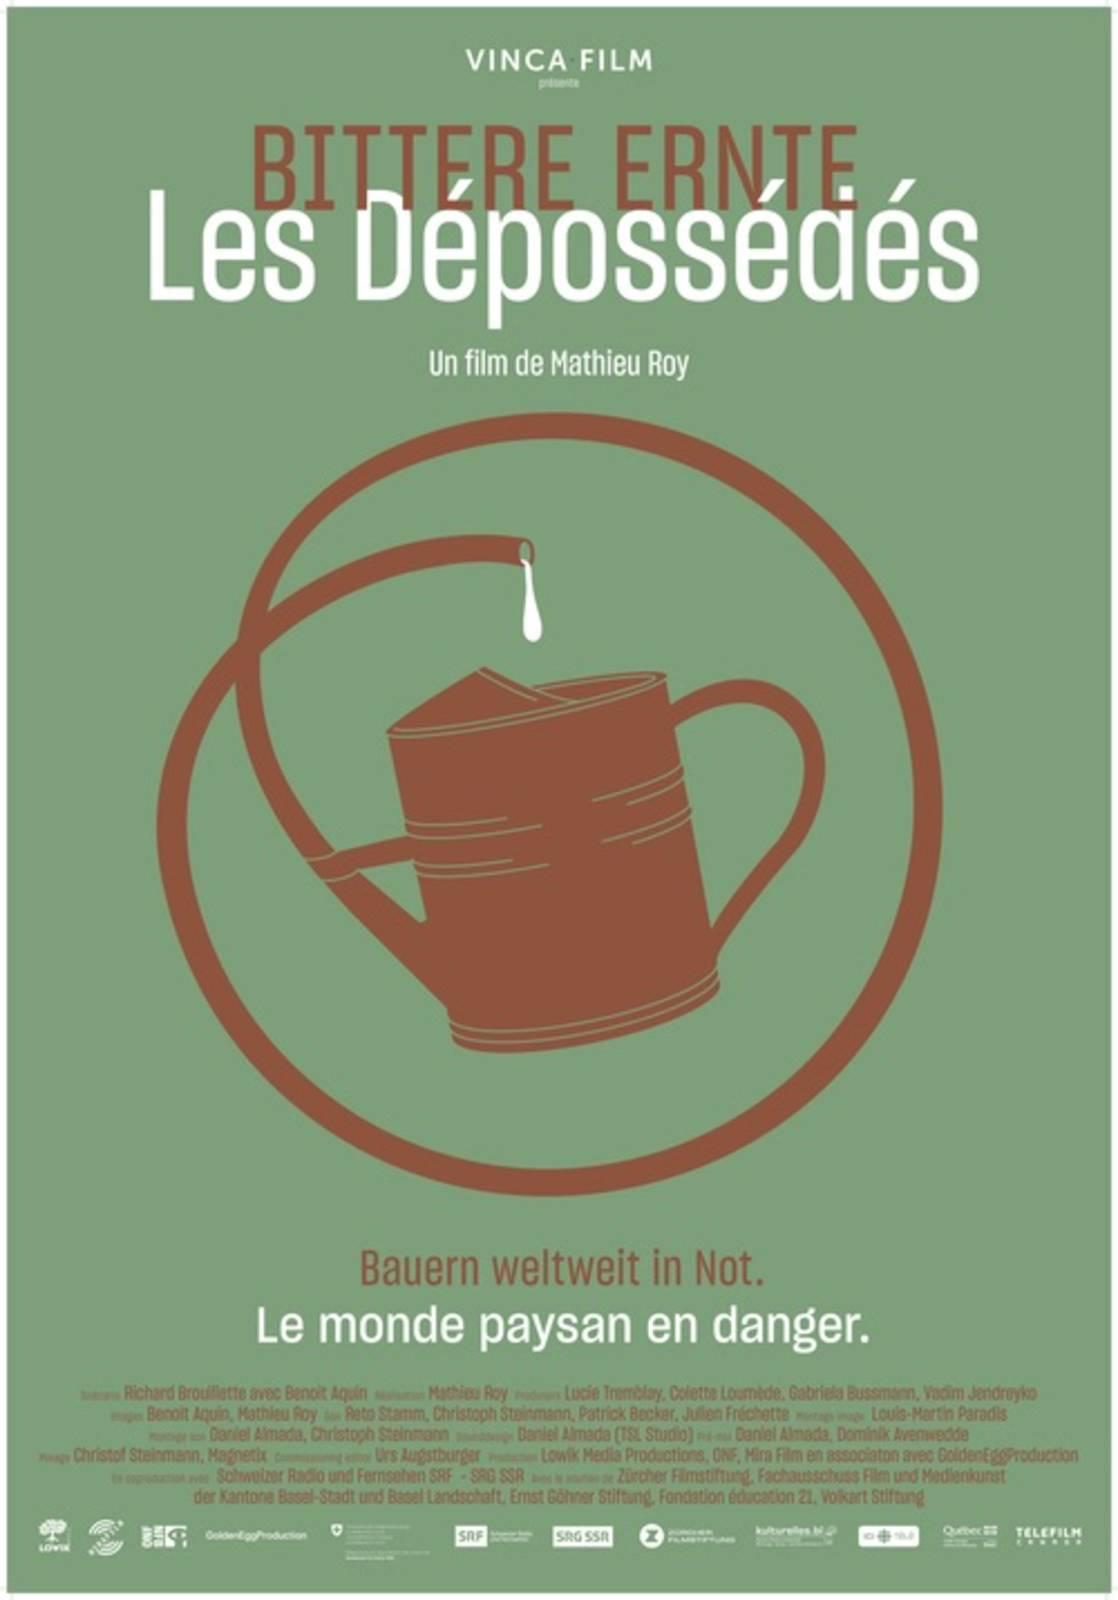 """Cinéma – Soirée spéciale – """"Les Dépossédés"""", Mathieu Roy"""